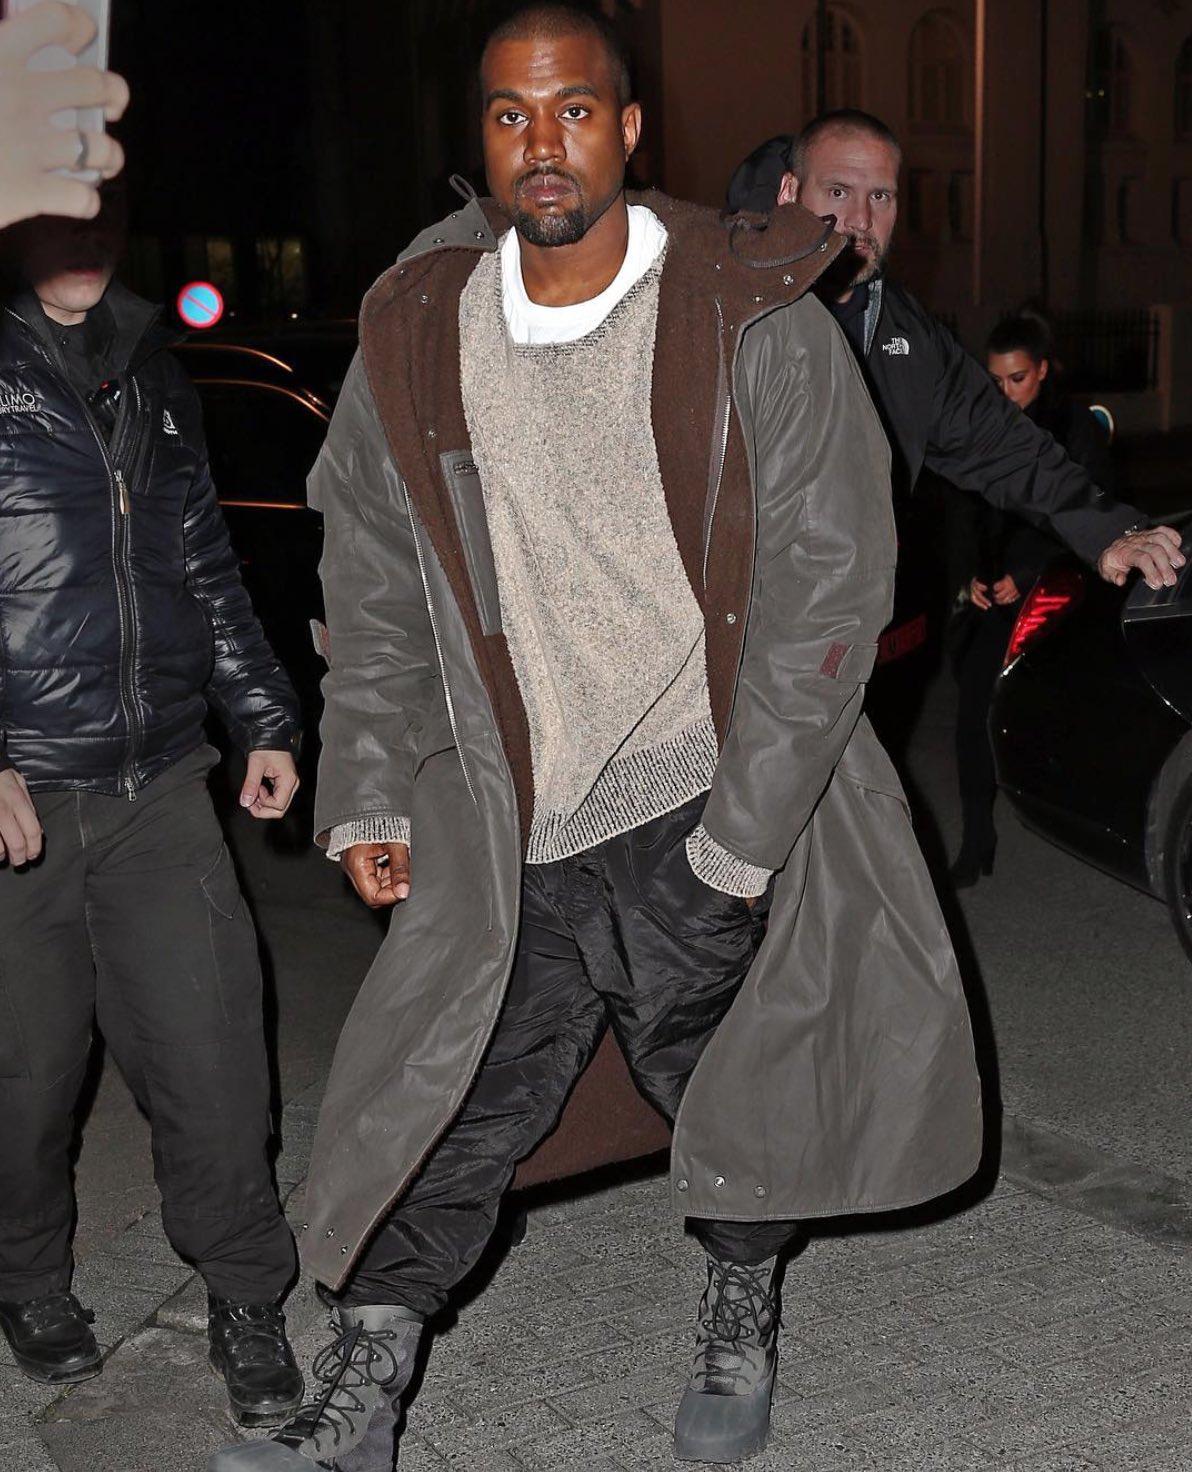 Spotted: Kanye West Yeezy Season 1 Sweatshirt And Yeezy 1050 Boots